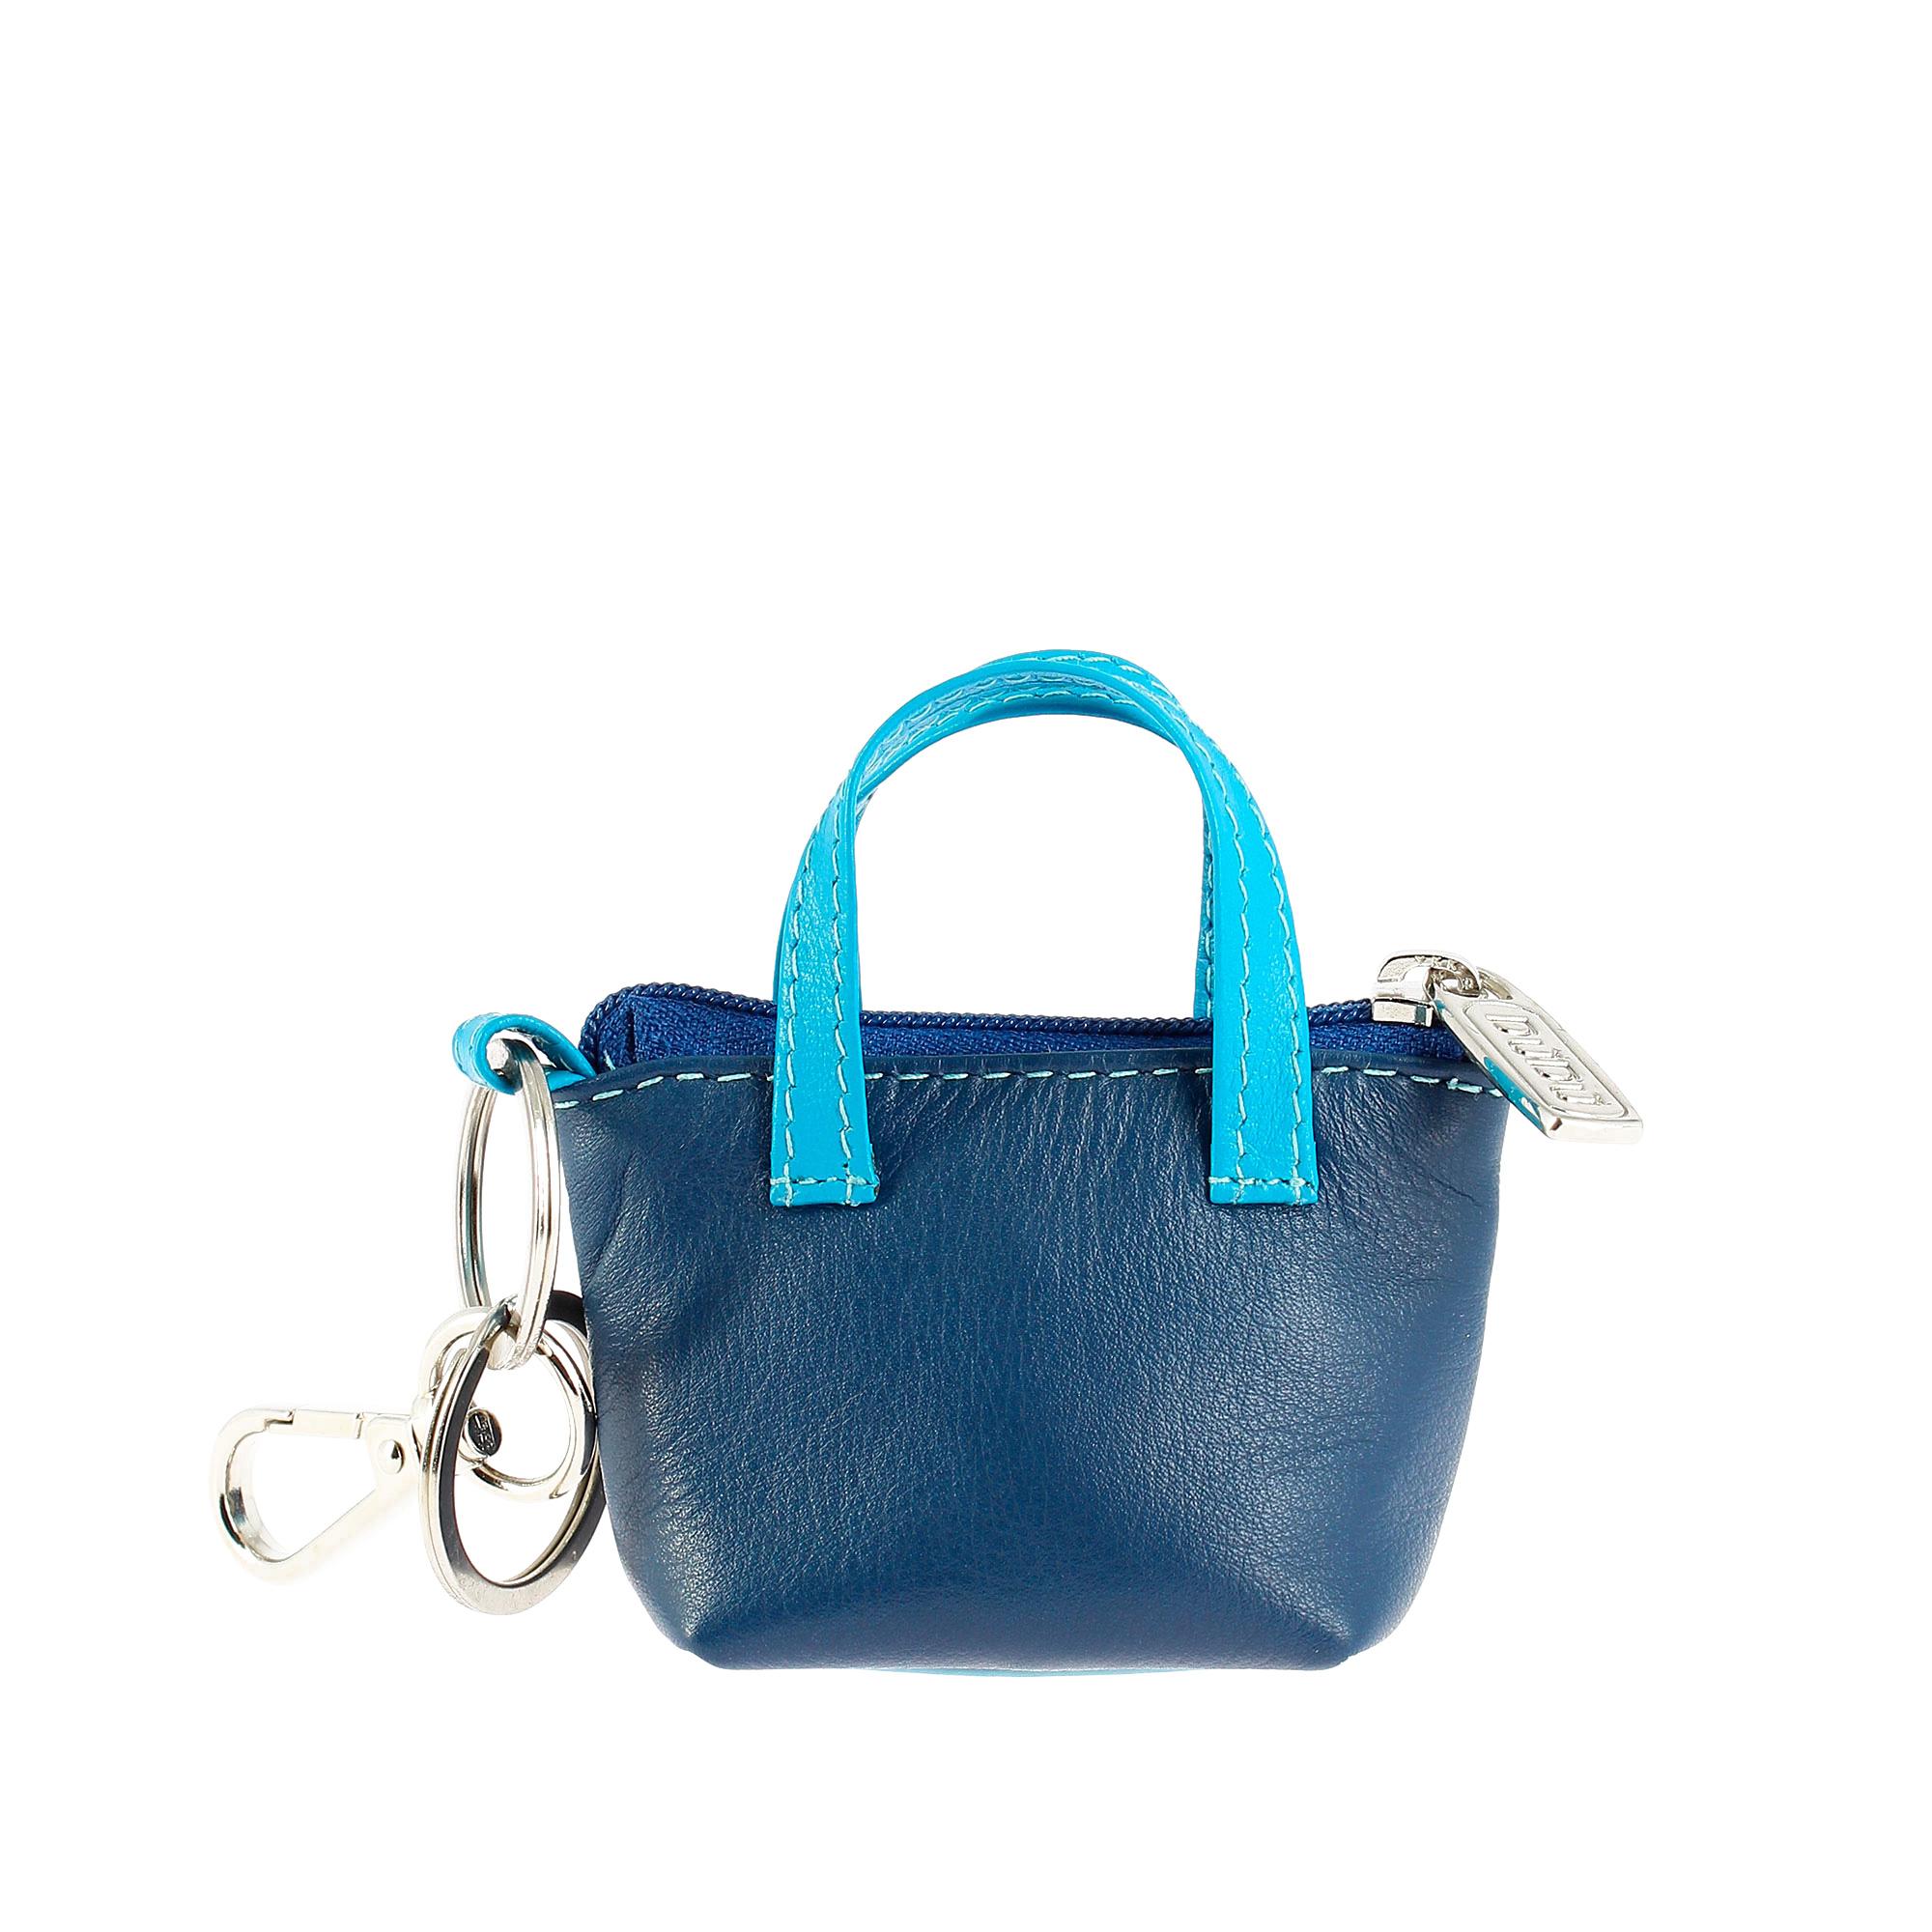 b7b5589d98 DUDU Porte-clés à Petit sac Porte-monnaie en Cuir coloré avec ...